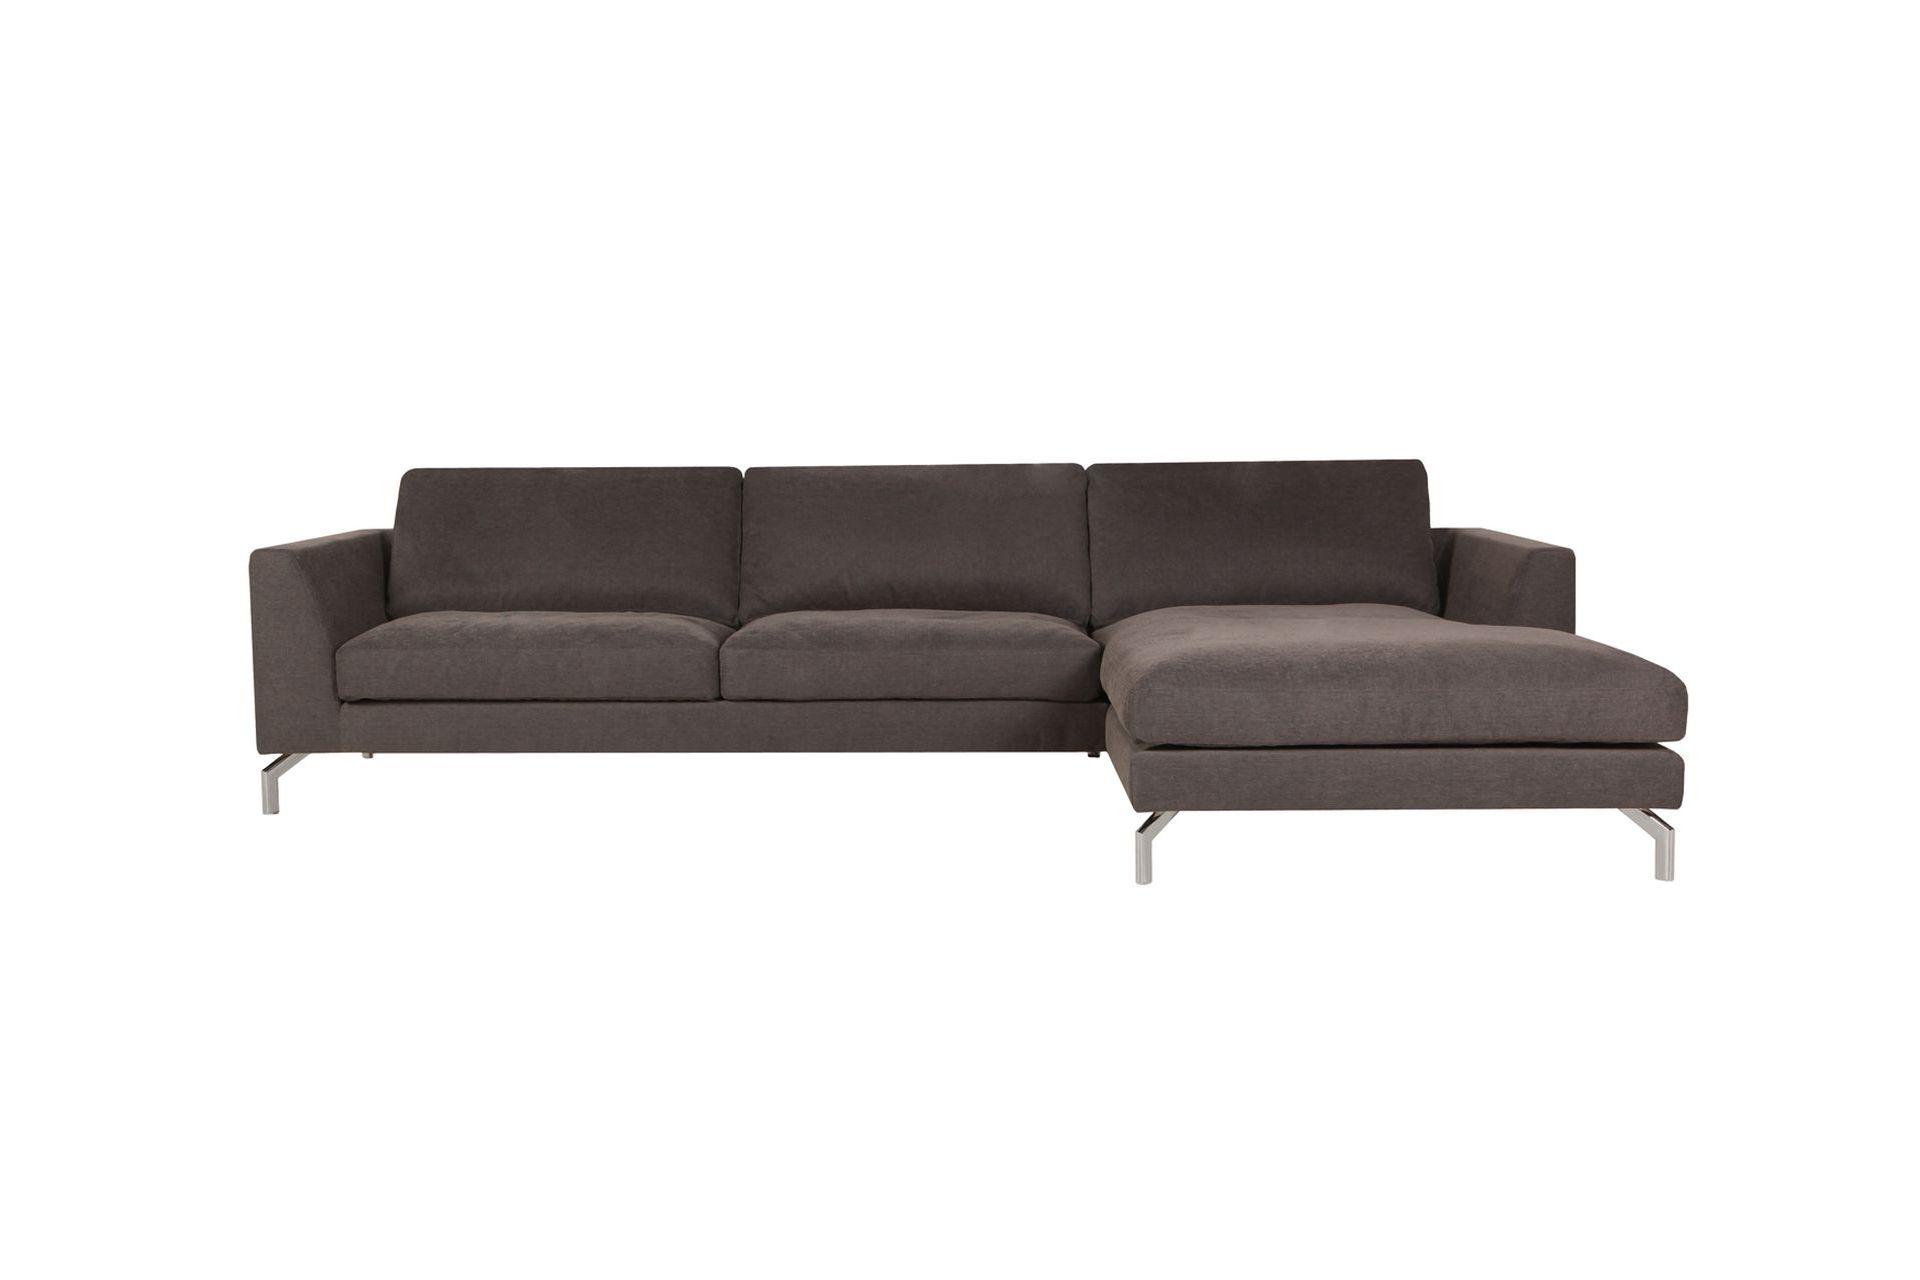 Диван OhioУгловые диваны<br>Этот диван соединяет в себе высокий комфорт и продуманный дизайн. Легкие хромированные ножки, подушка-подголовник (как вариант комплектации модели) – идеальный диван для тех, кто любит сочетать отдых и эстетическое удовольствие. Модель дивана OHIO может быть создана из самостоятельных элементов по выбору клиента, или выбрана из 11 готовых комплектов.<br><br>kit: None<br>gender: None